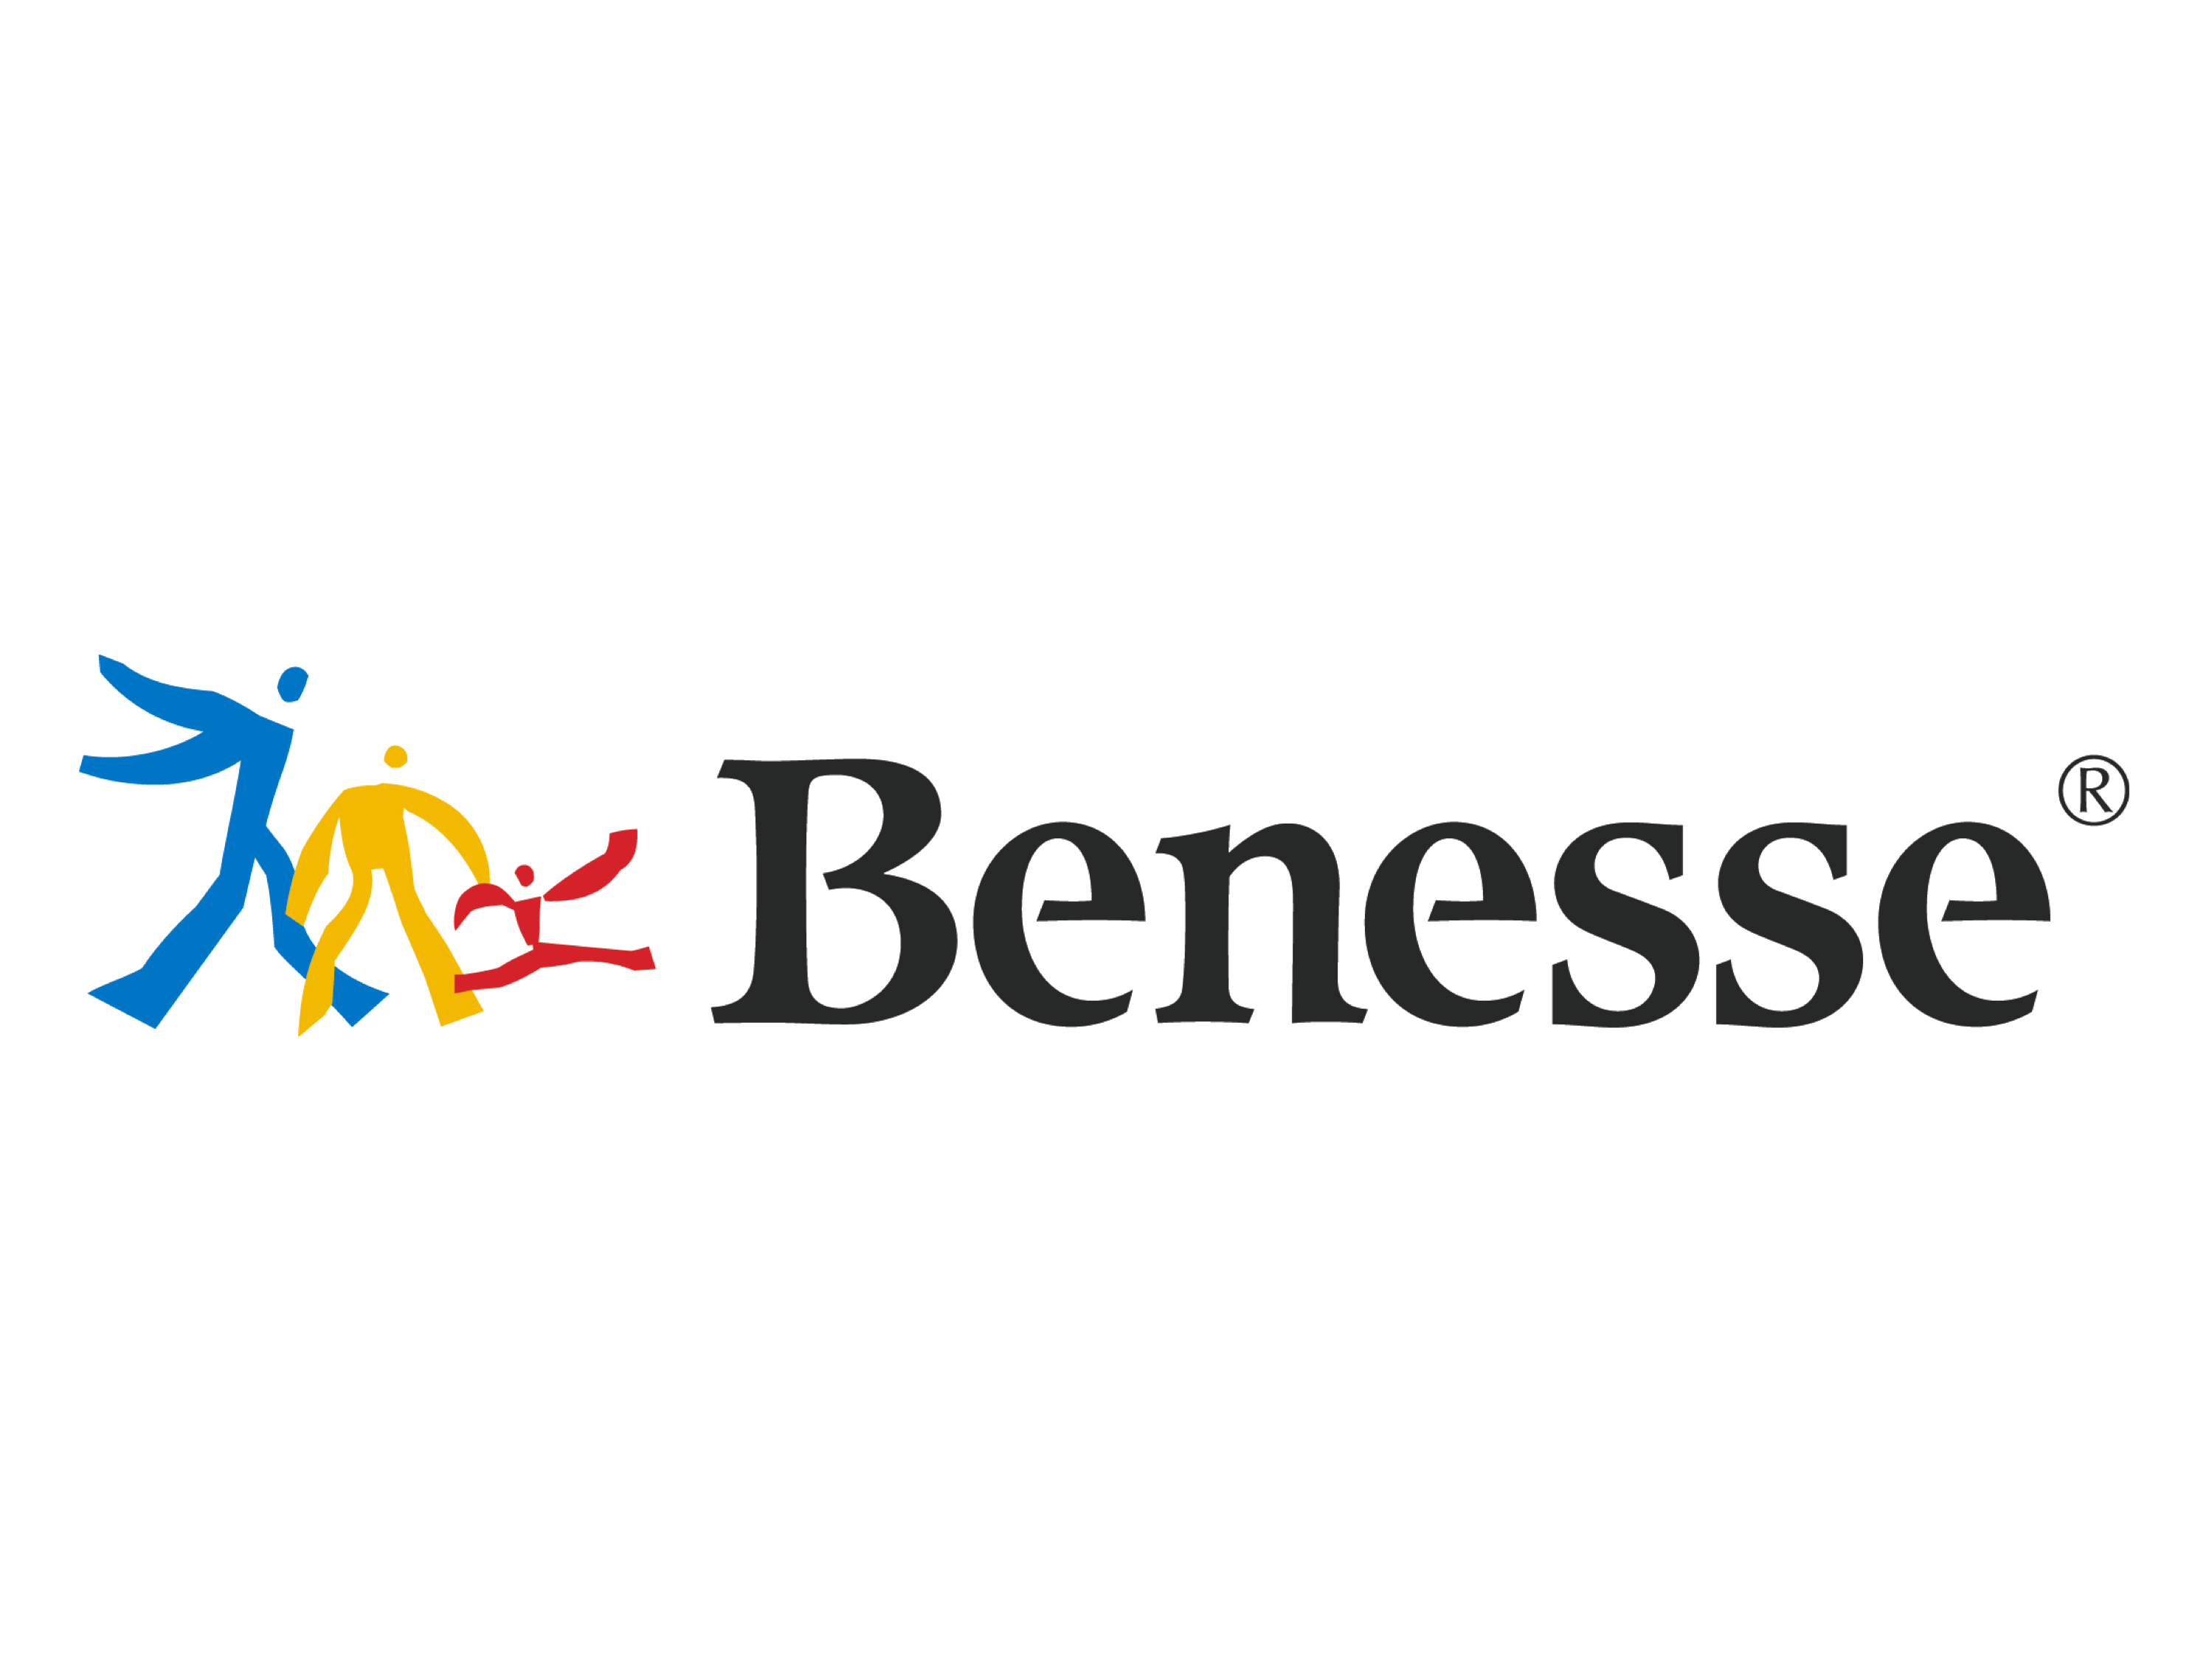 ベネッセロゴ